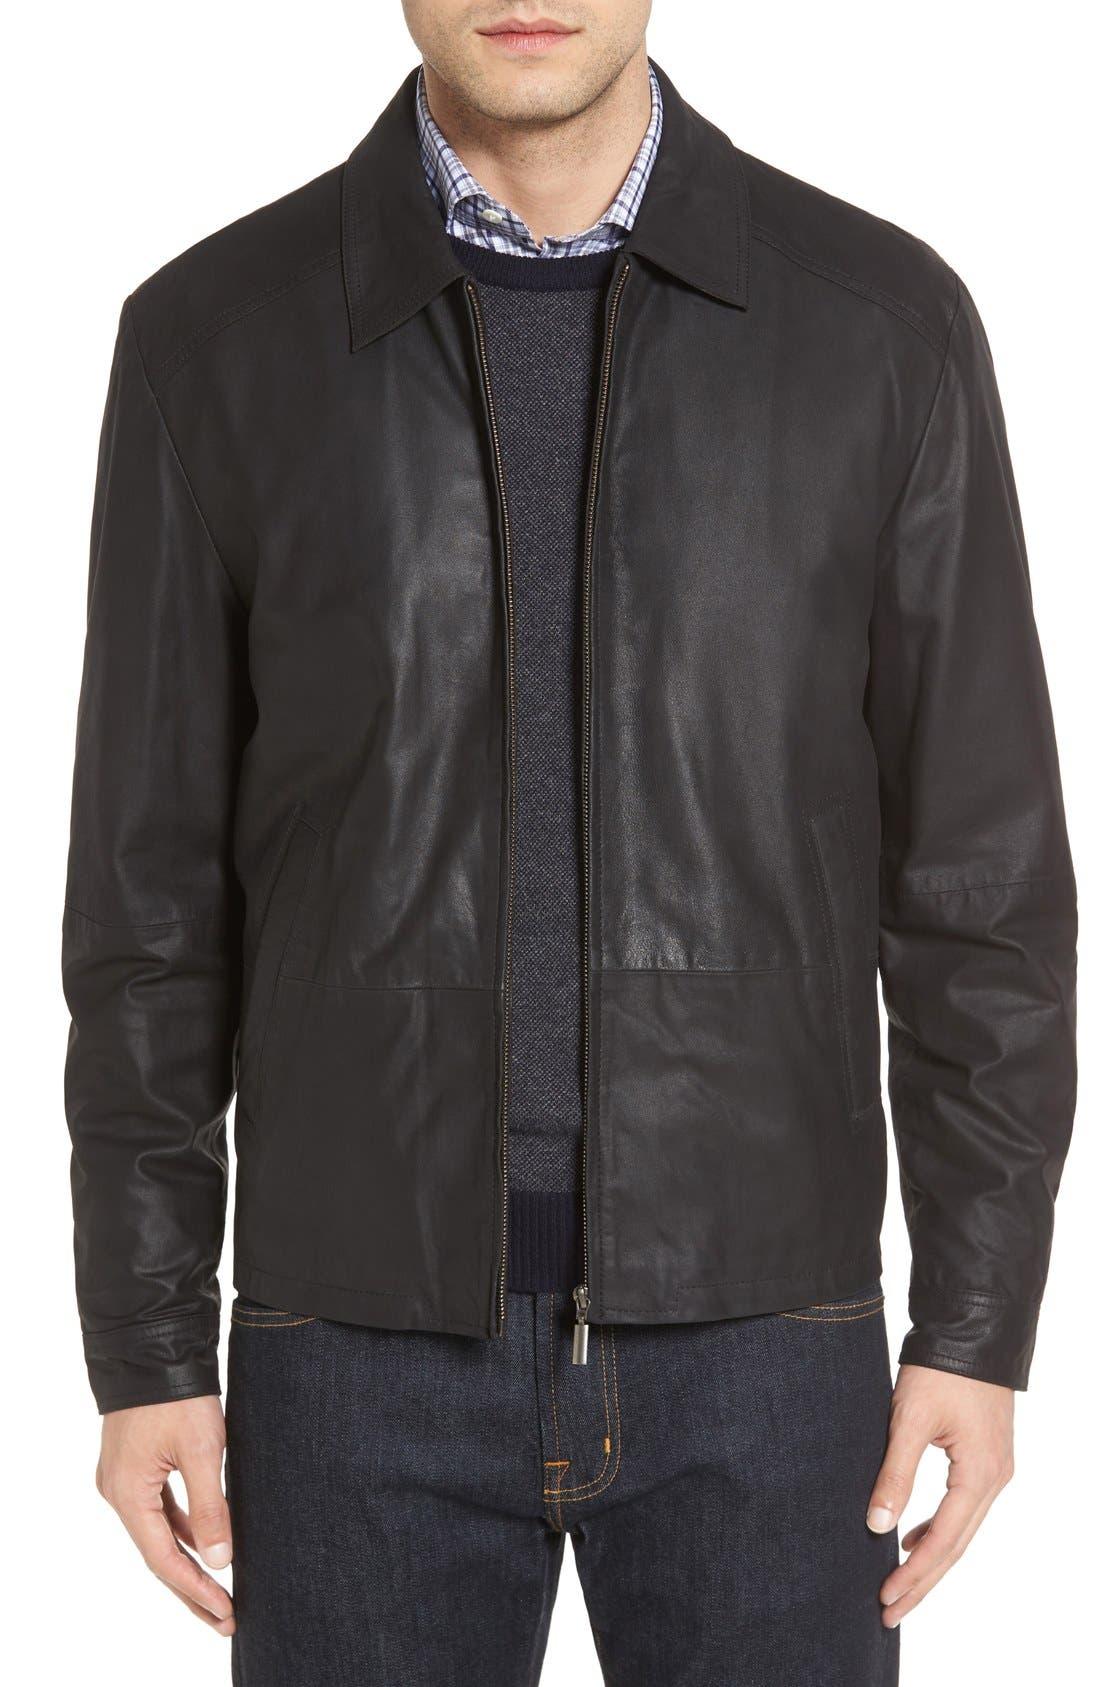 MissaniLe CollezioniLambskin Leather Jacket